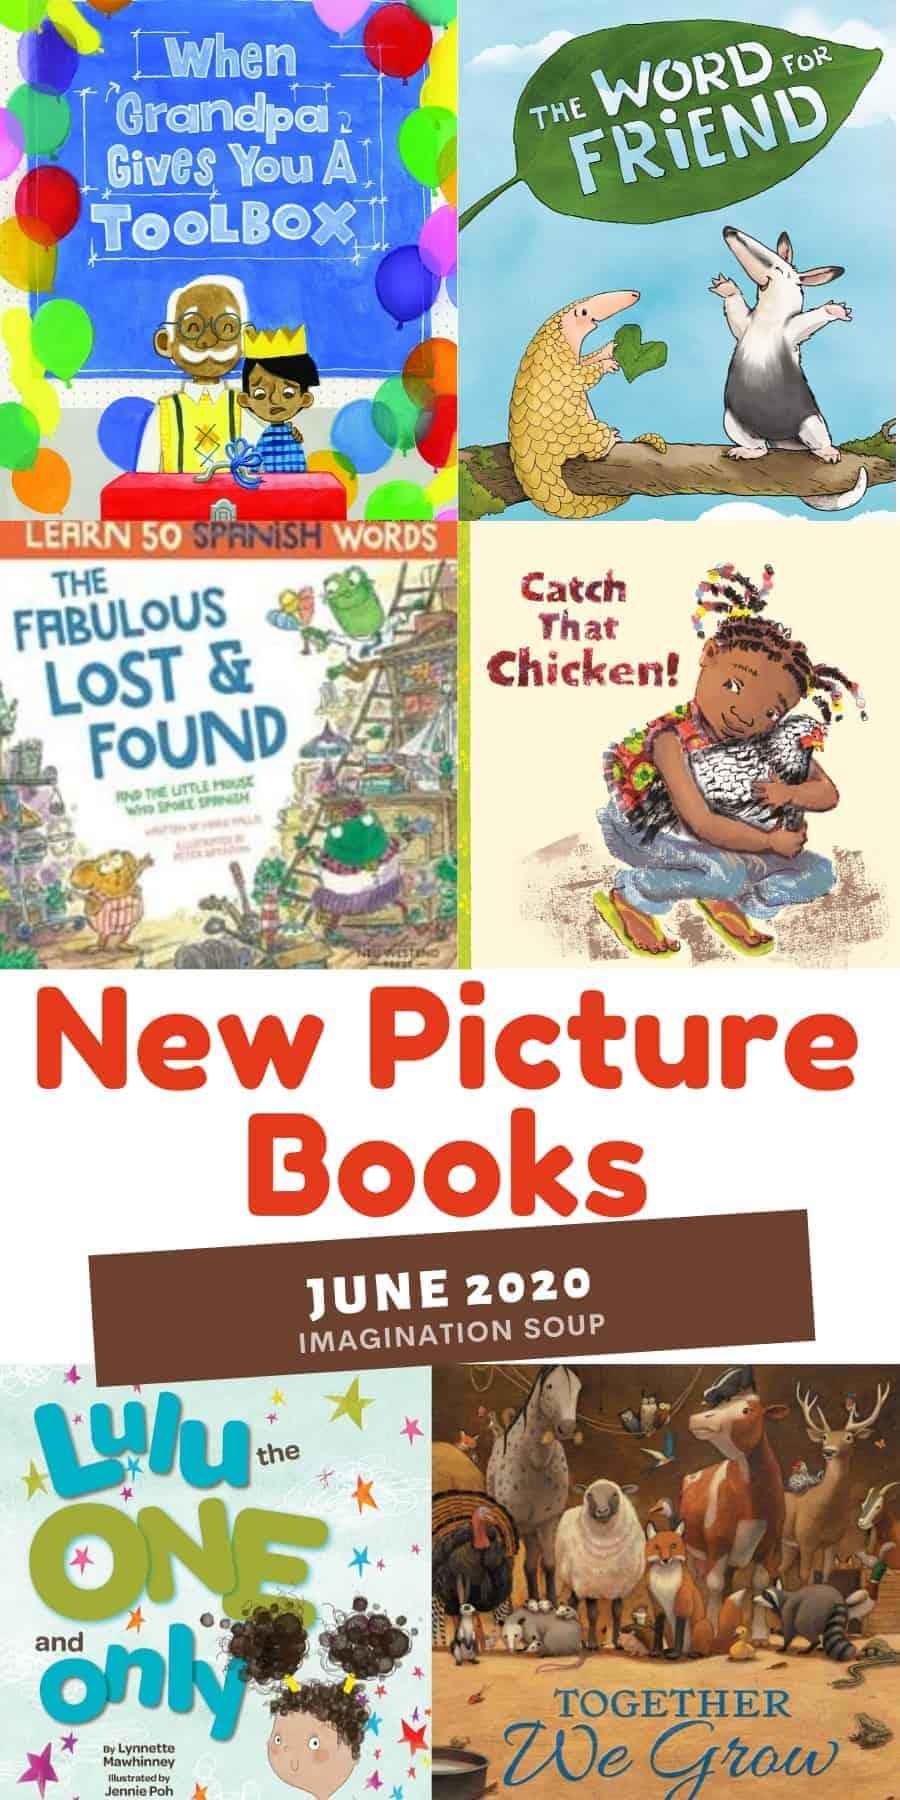 New picture books June 2020